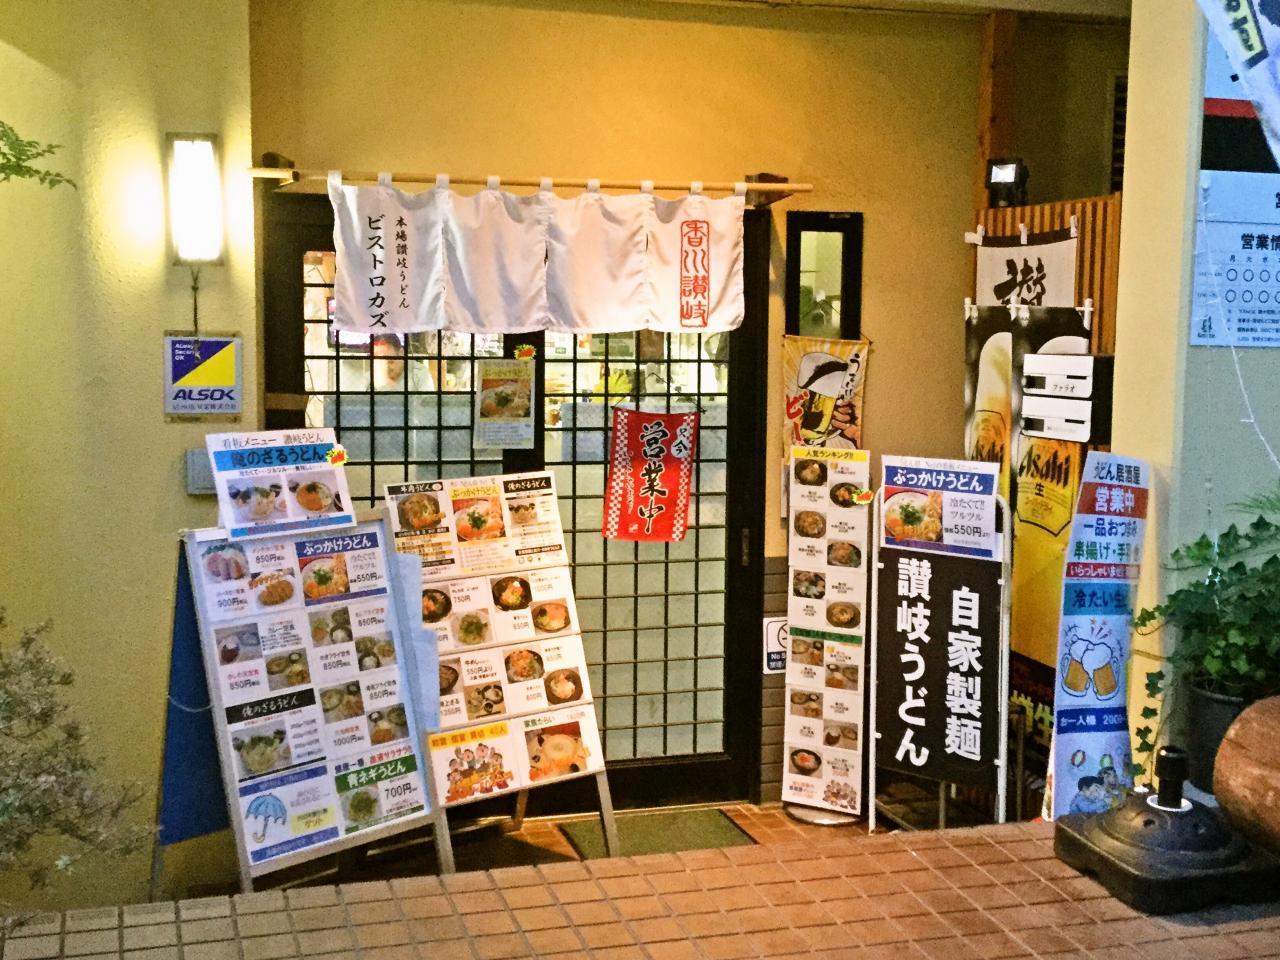 本場讃岐うどん ビストロカズ(店舗)